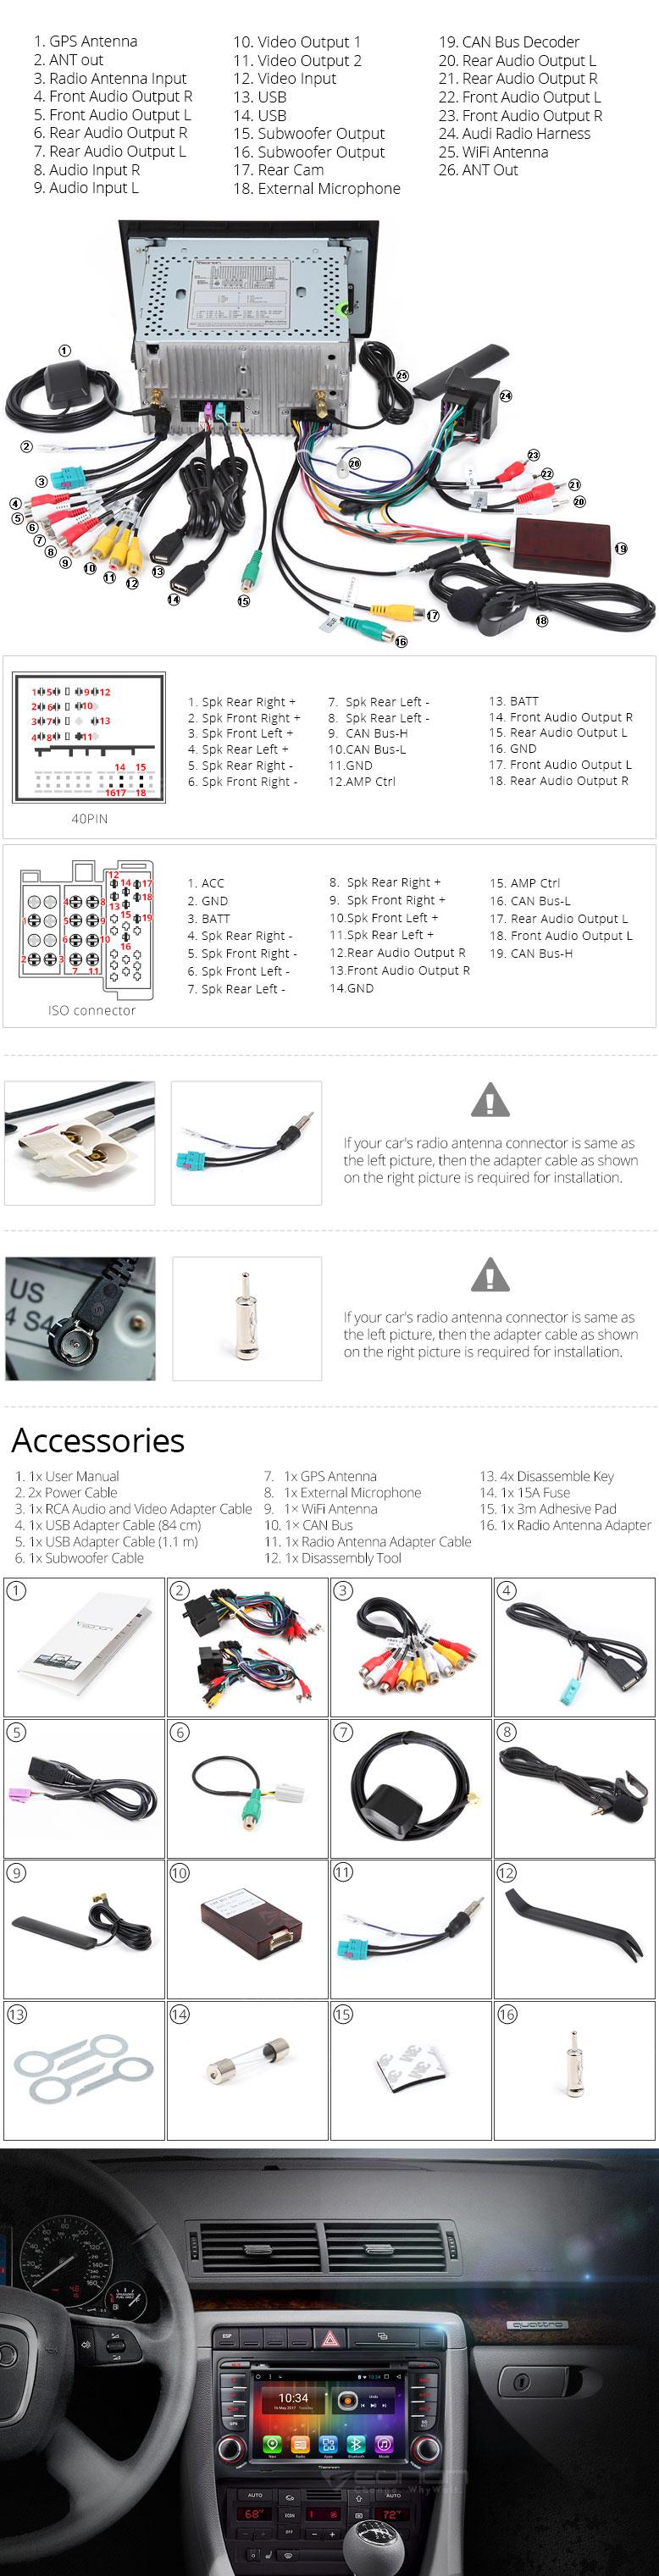 src=http://www.eonon.com/upload/product/Gallery/GA7158S/GA7158S